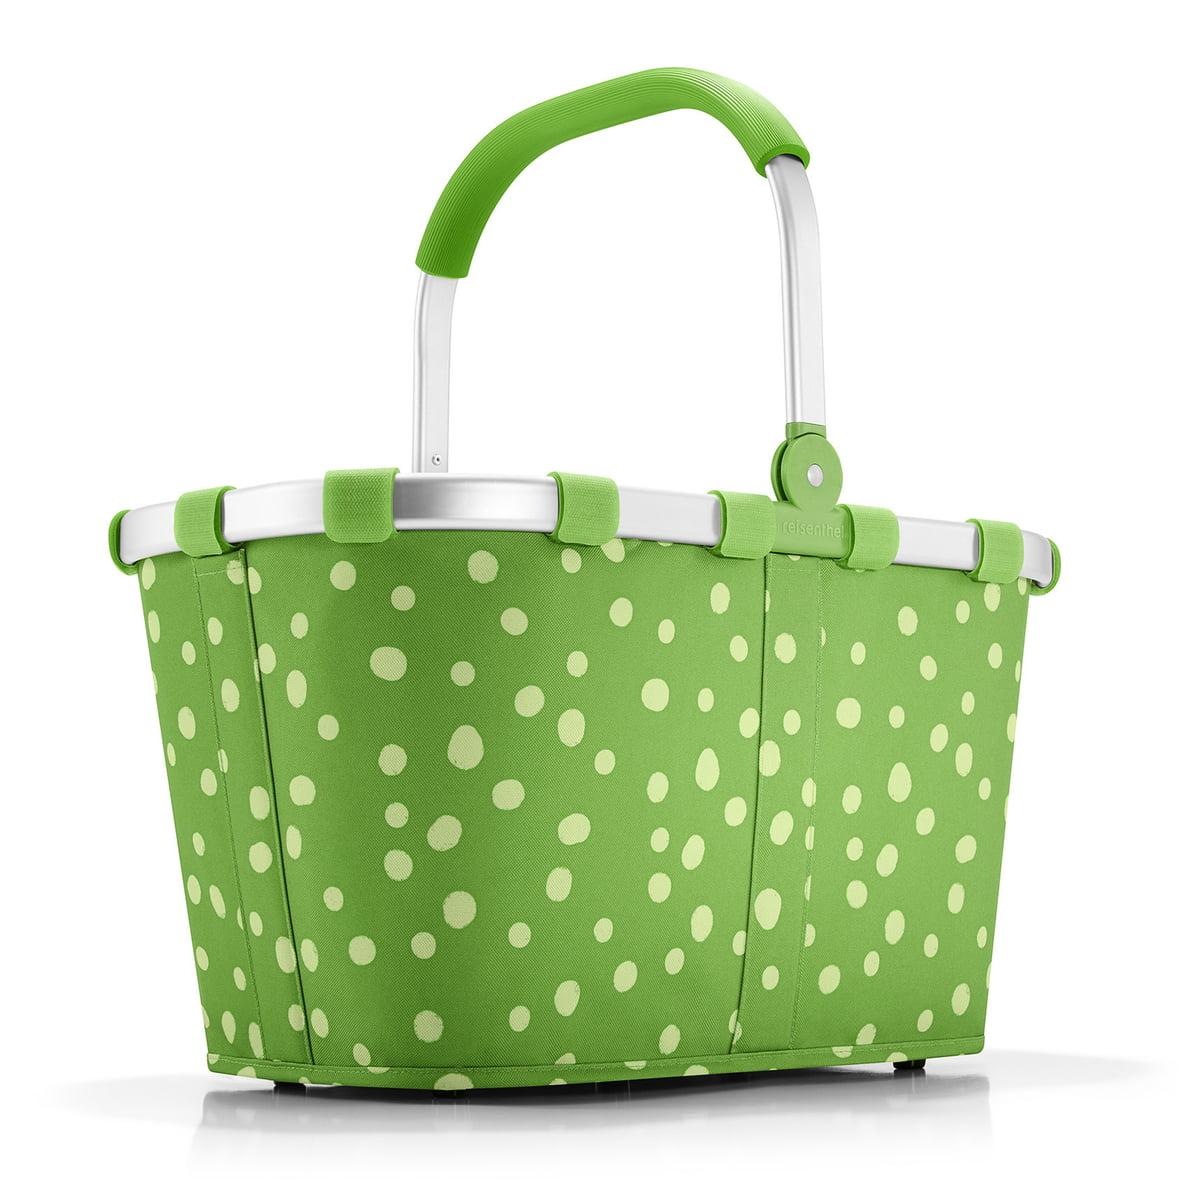 Reisenthel Carrybag in vielen unterschiedlichen Ausführungen als [Connox Plus] Produkte reduziert